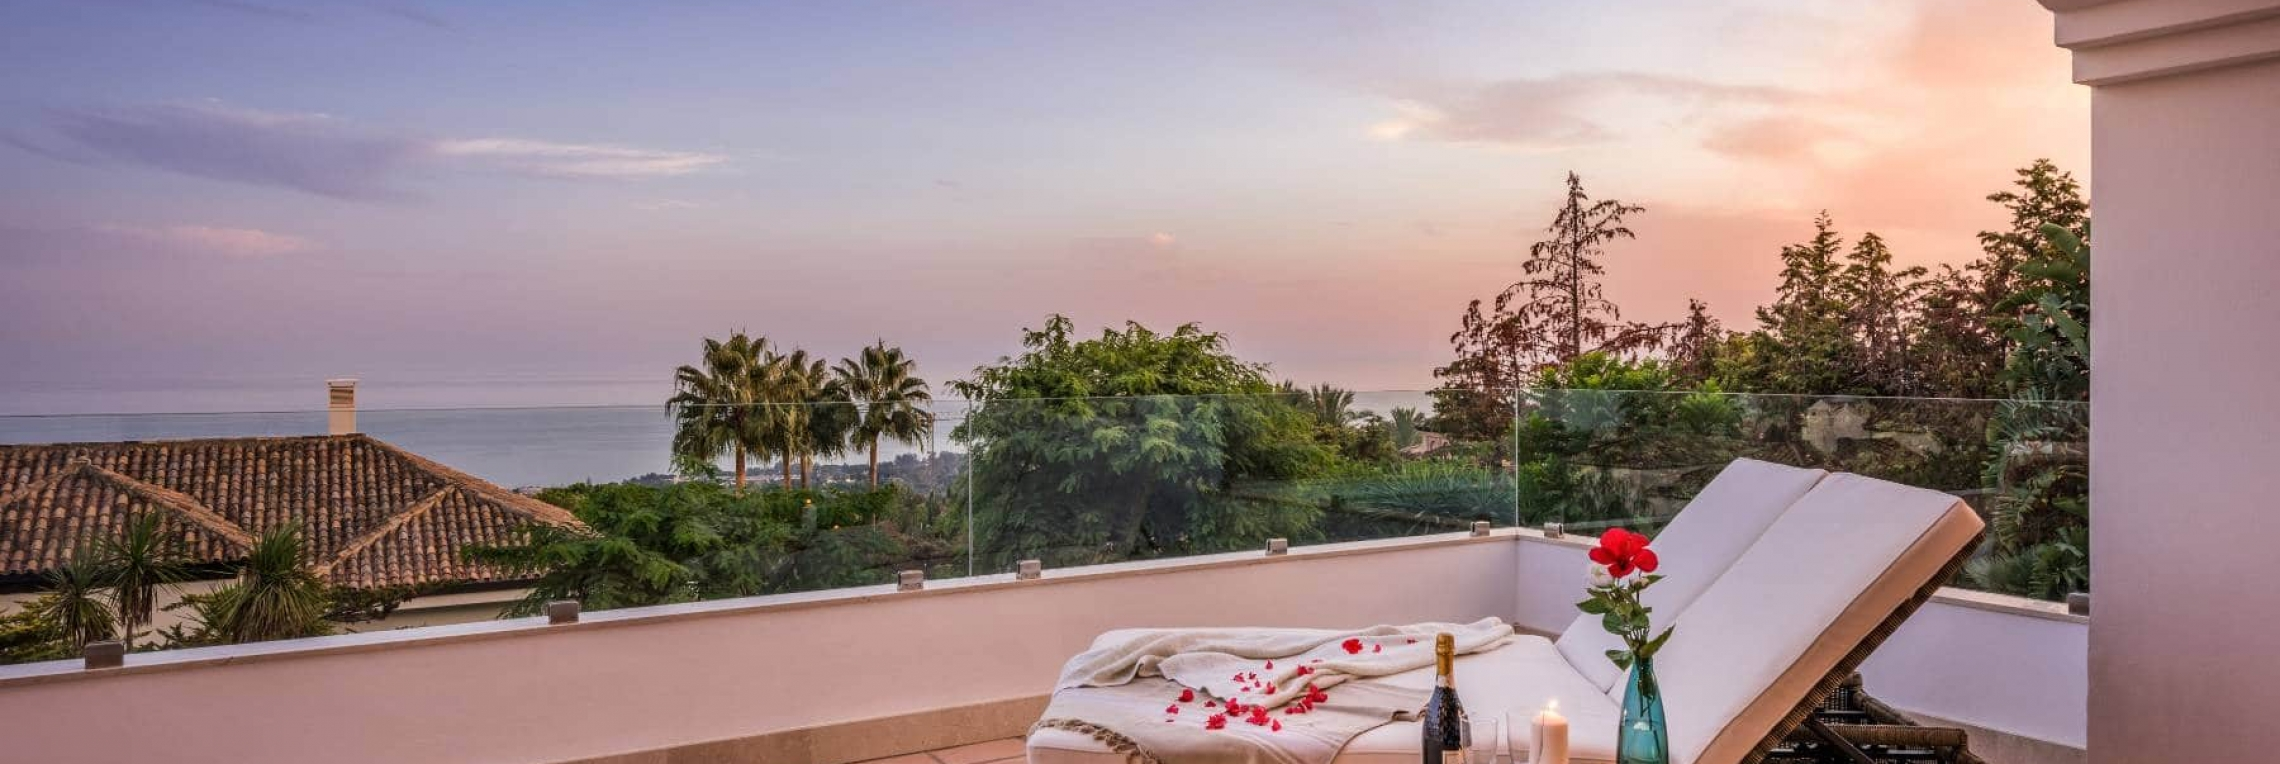 Villa Cashmere – Marbella